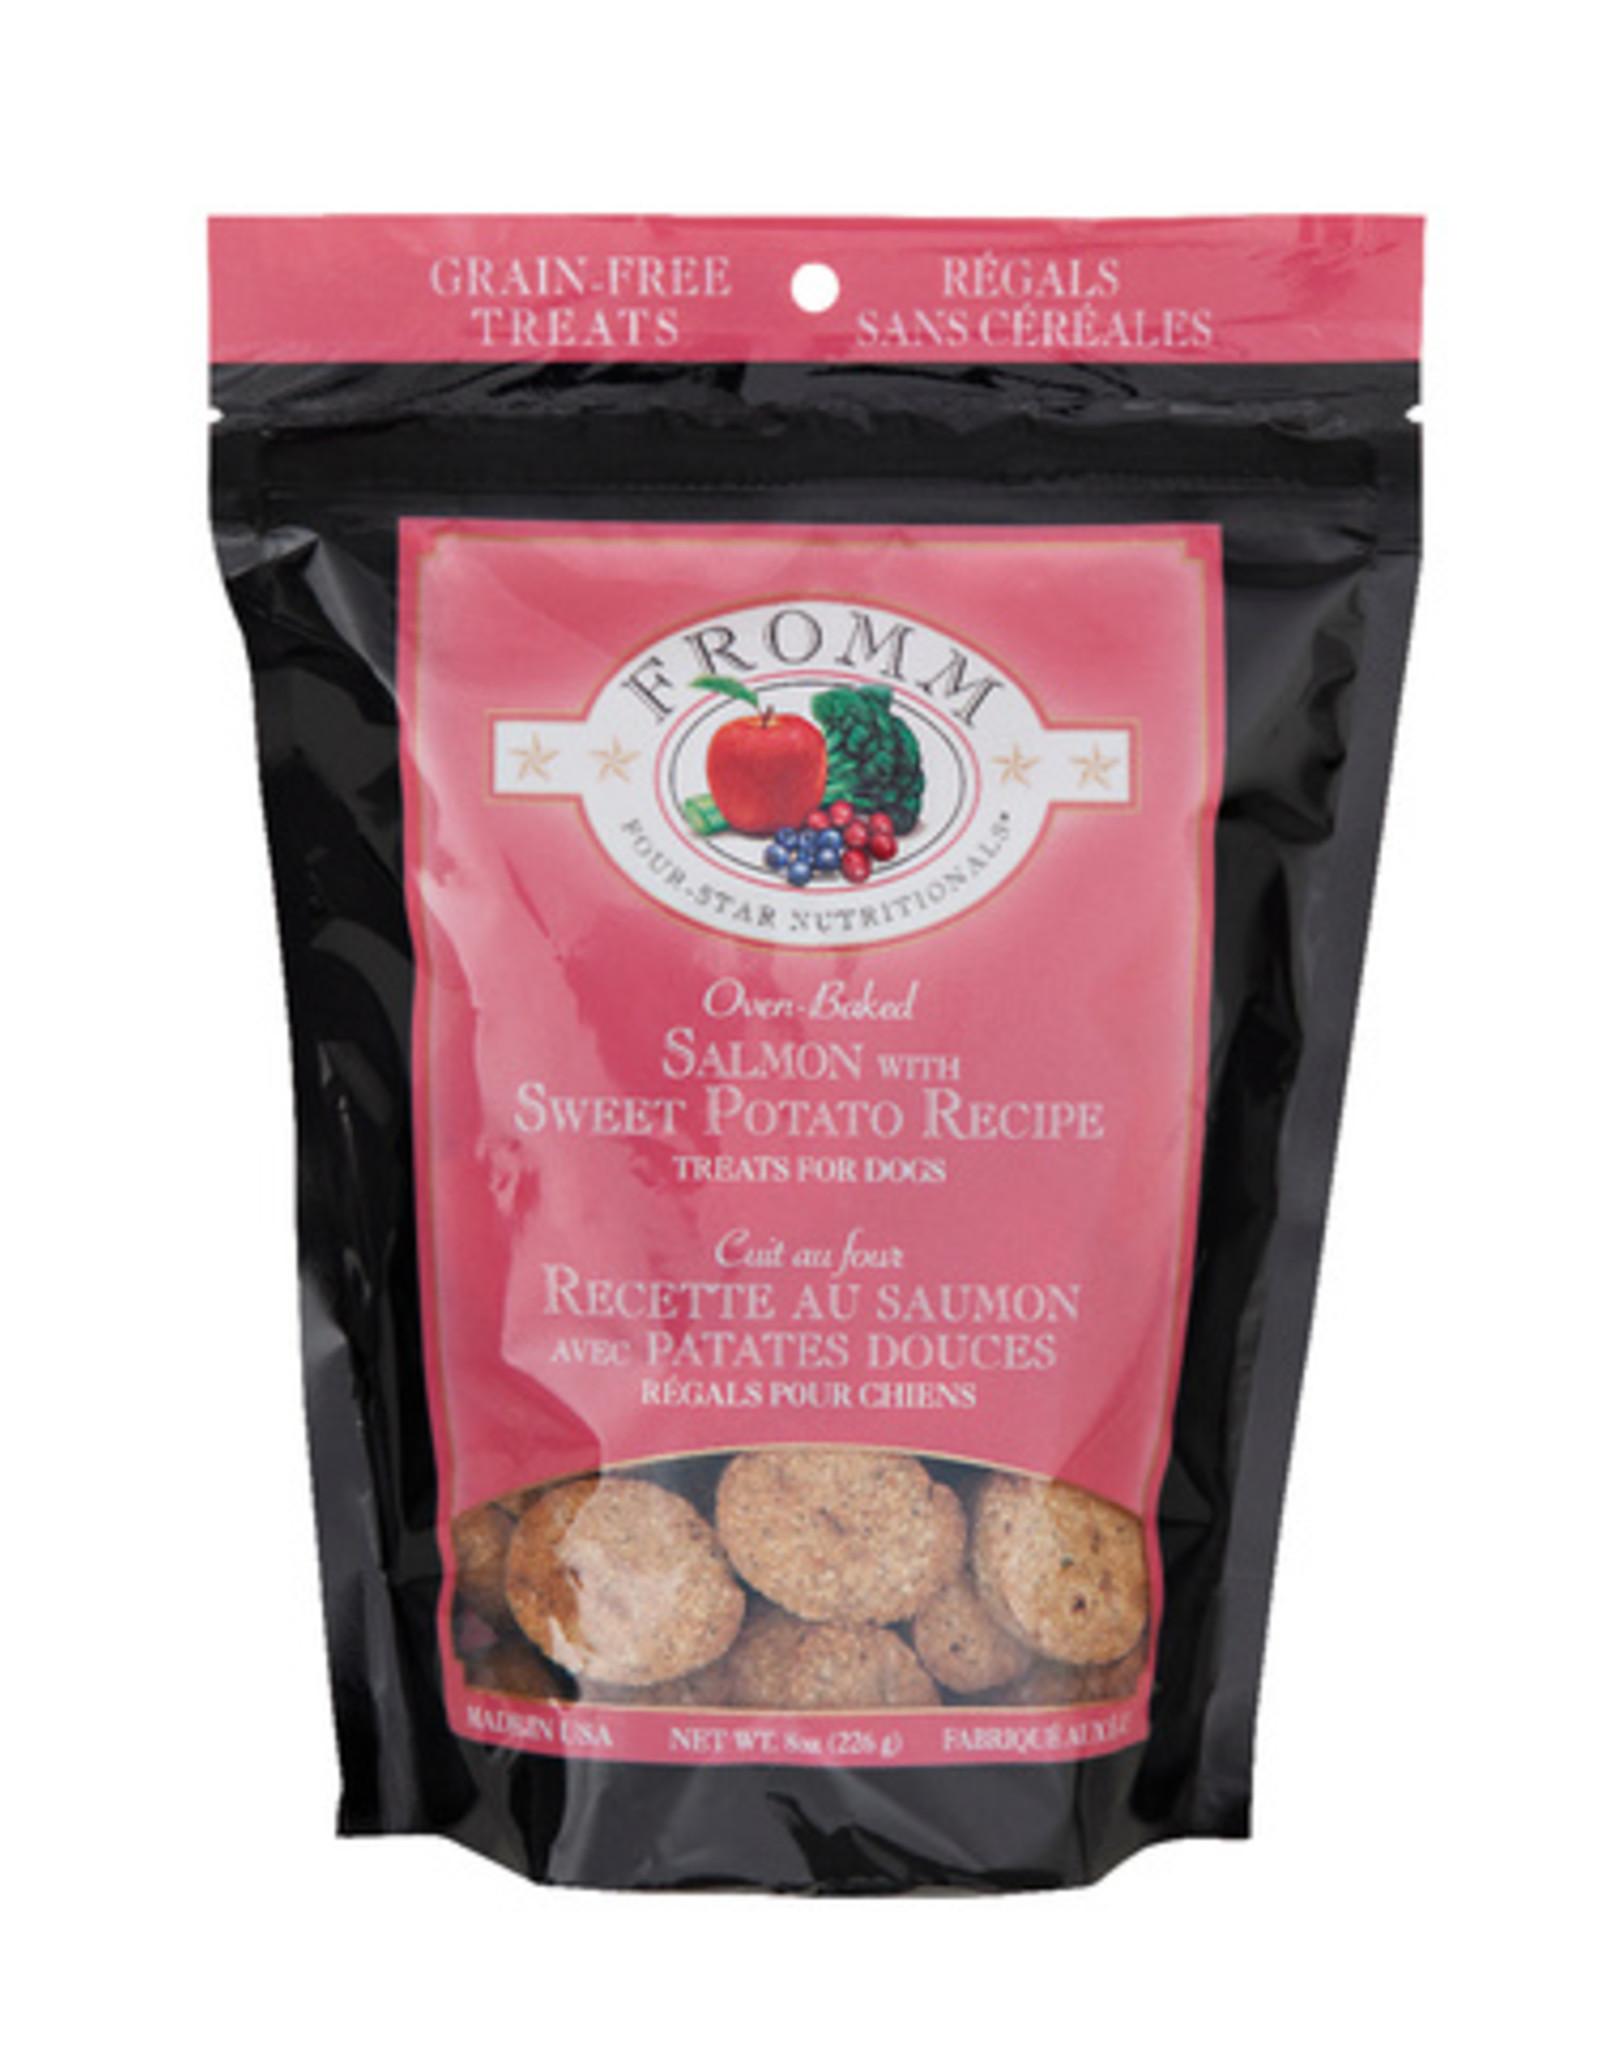 FROMM FAMILY FOODS LLC FROMM SALMON W/SWEET POTATO TREAT, 8 OZ. POUCH GRAIN-FREE